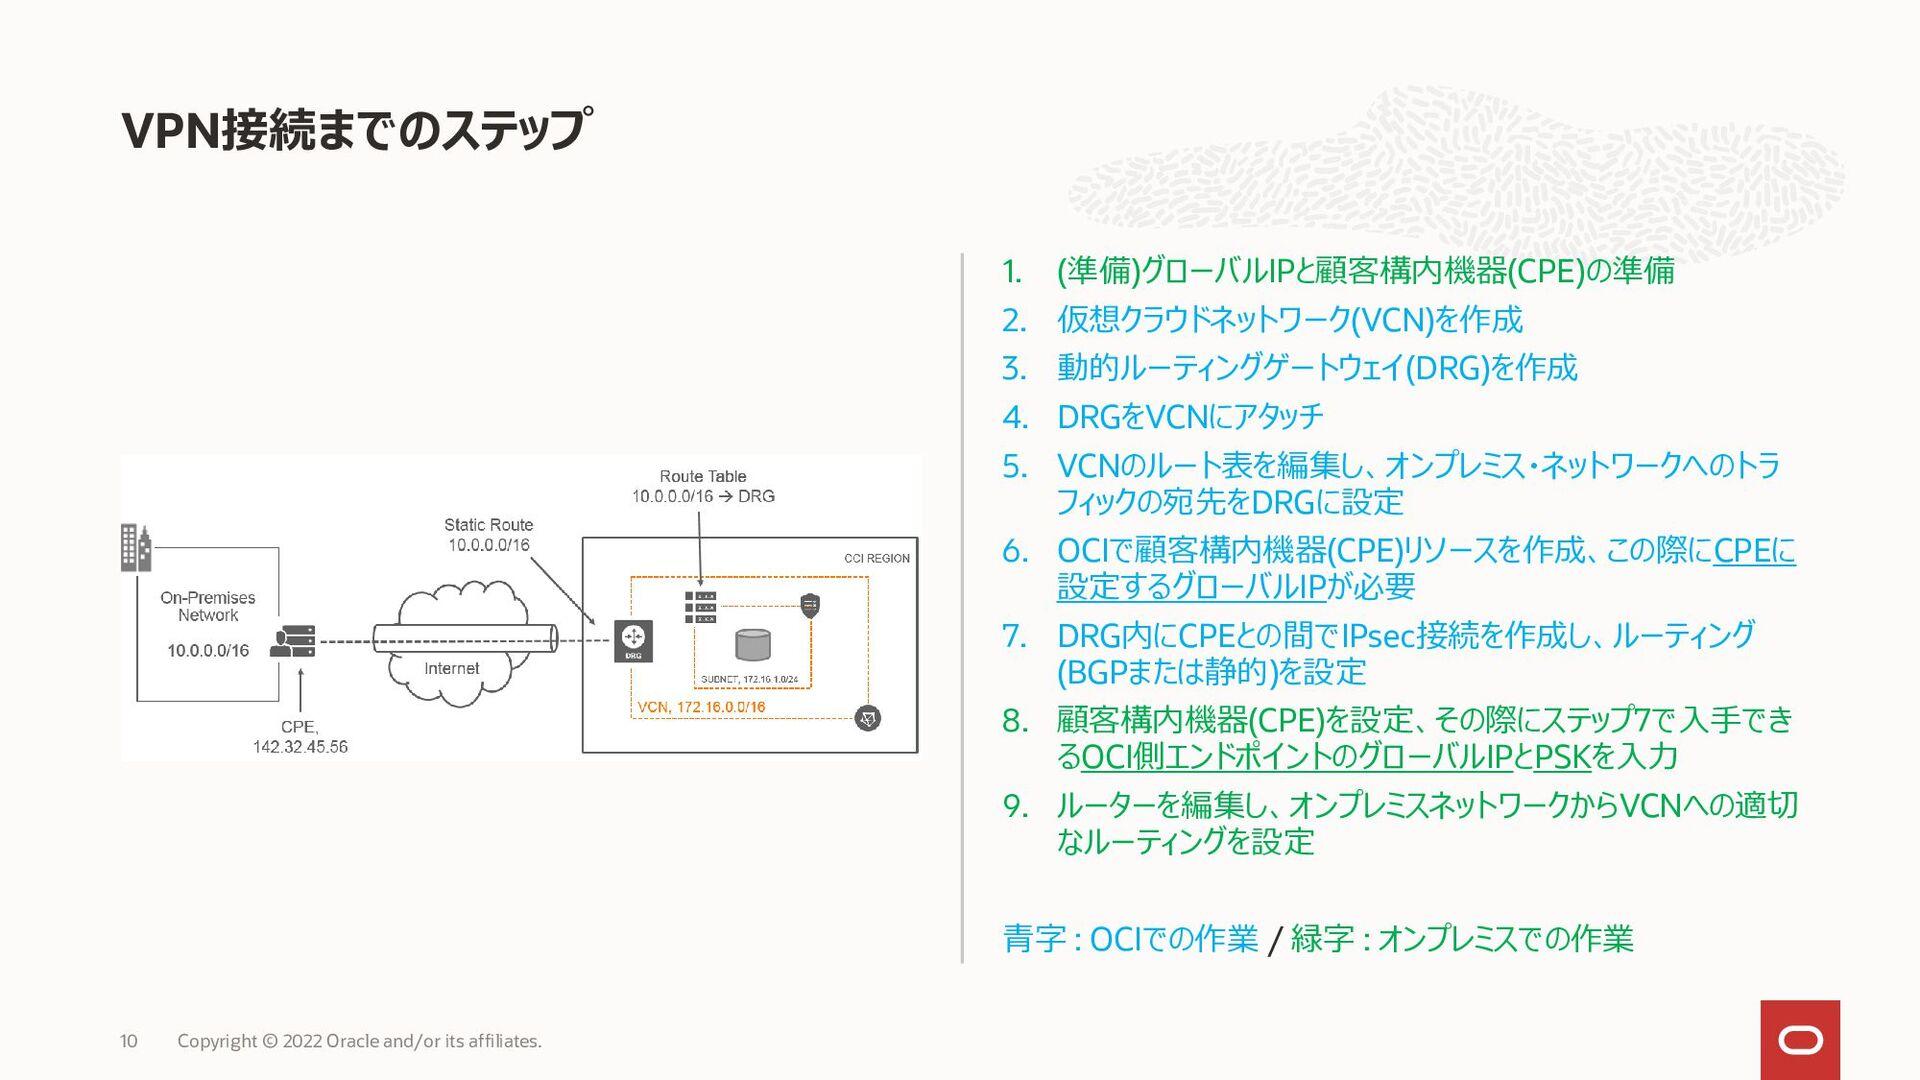 1. ( ) IP (CPE) 2. (VCN) 3. (DRG) 4. DRG VCN 5....